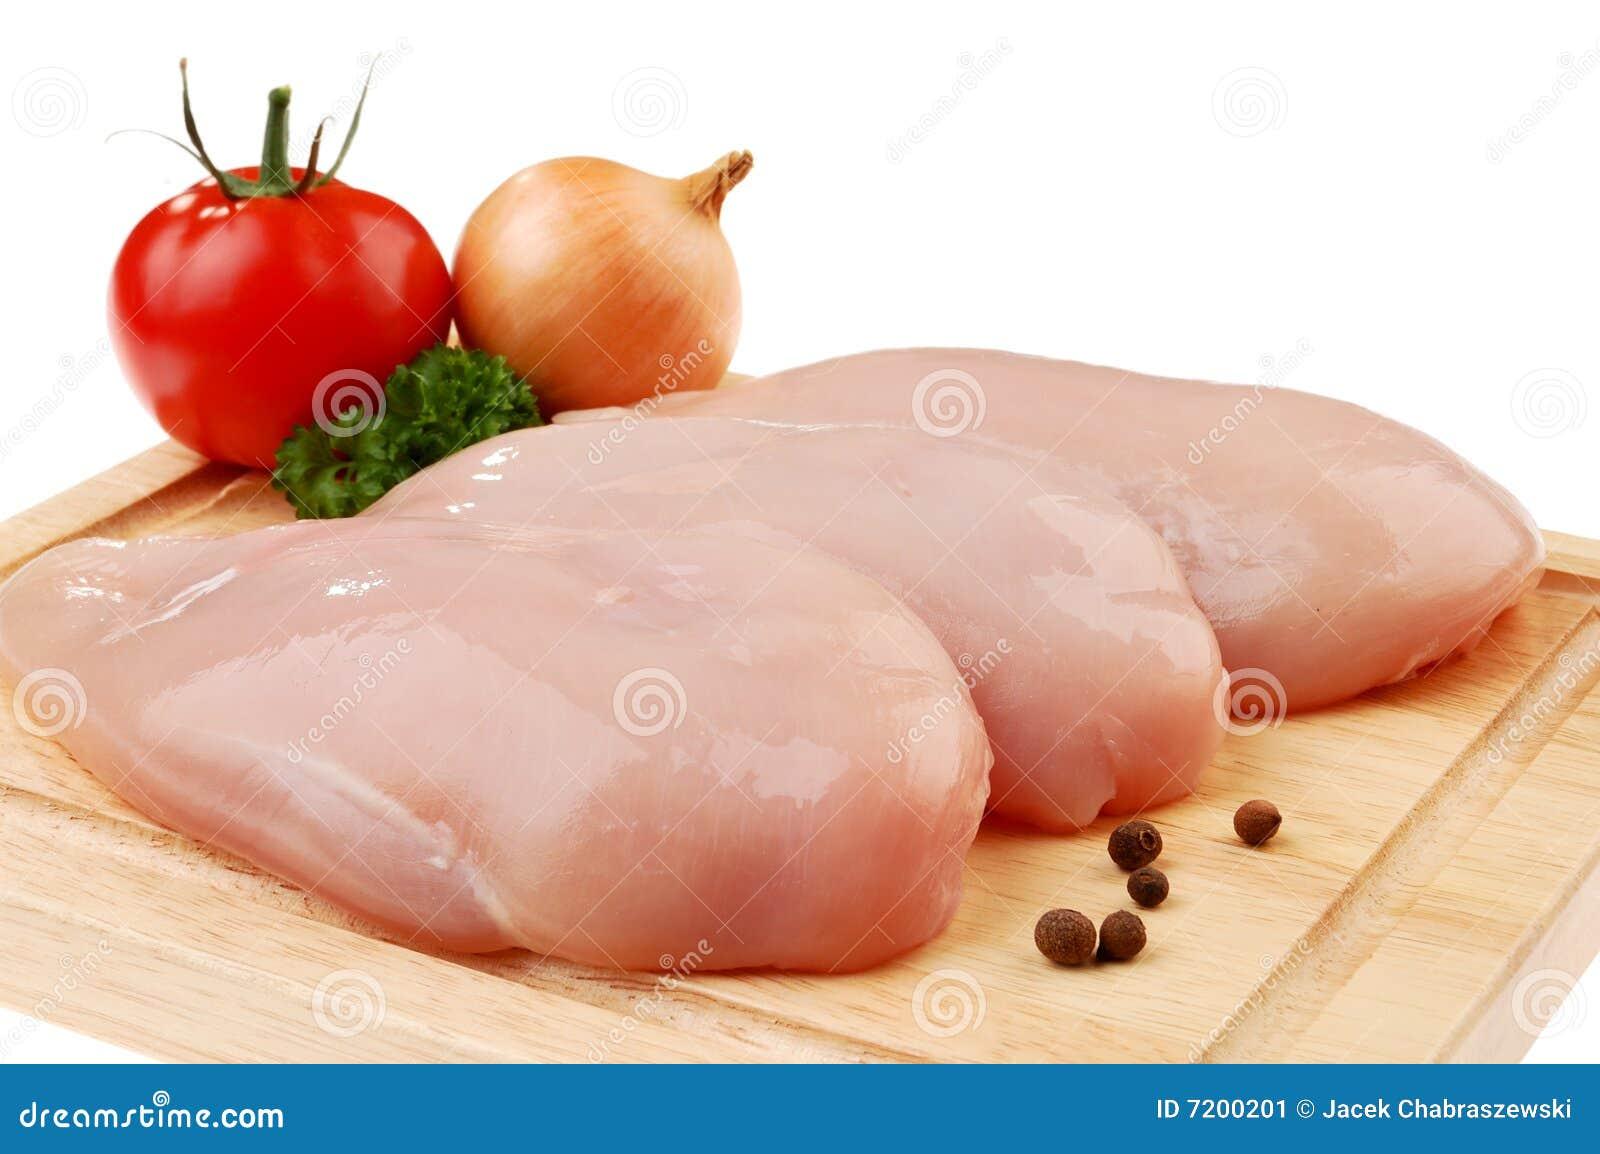 Seni di pollo grezzi freschi